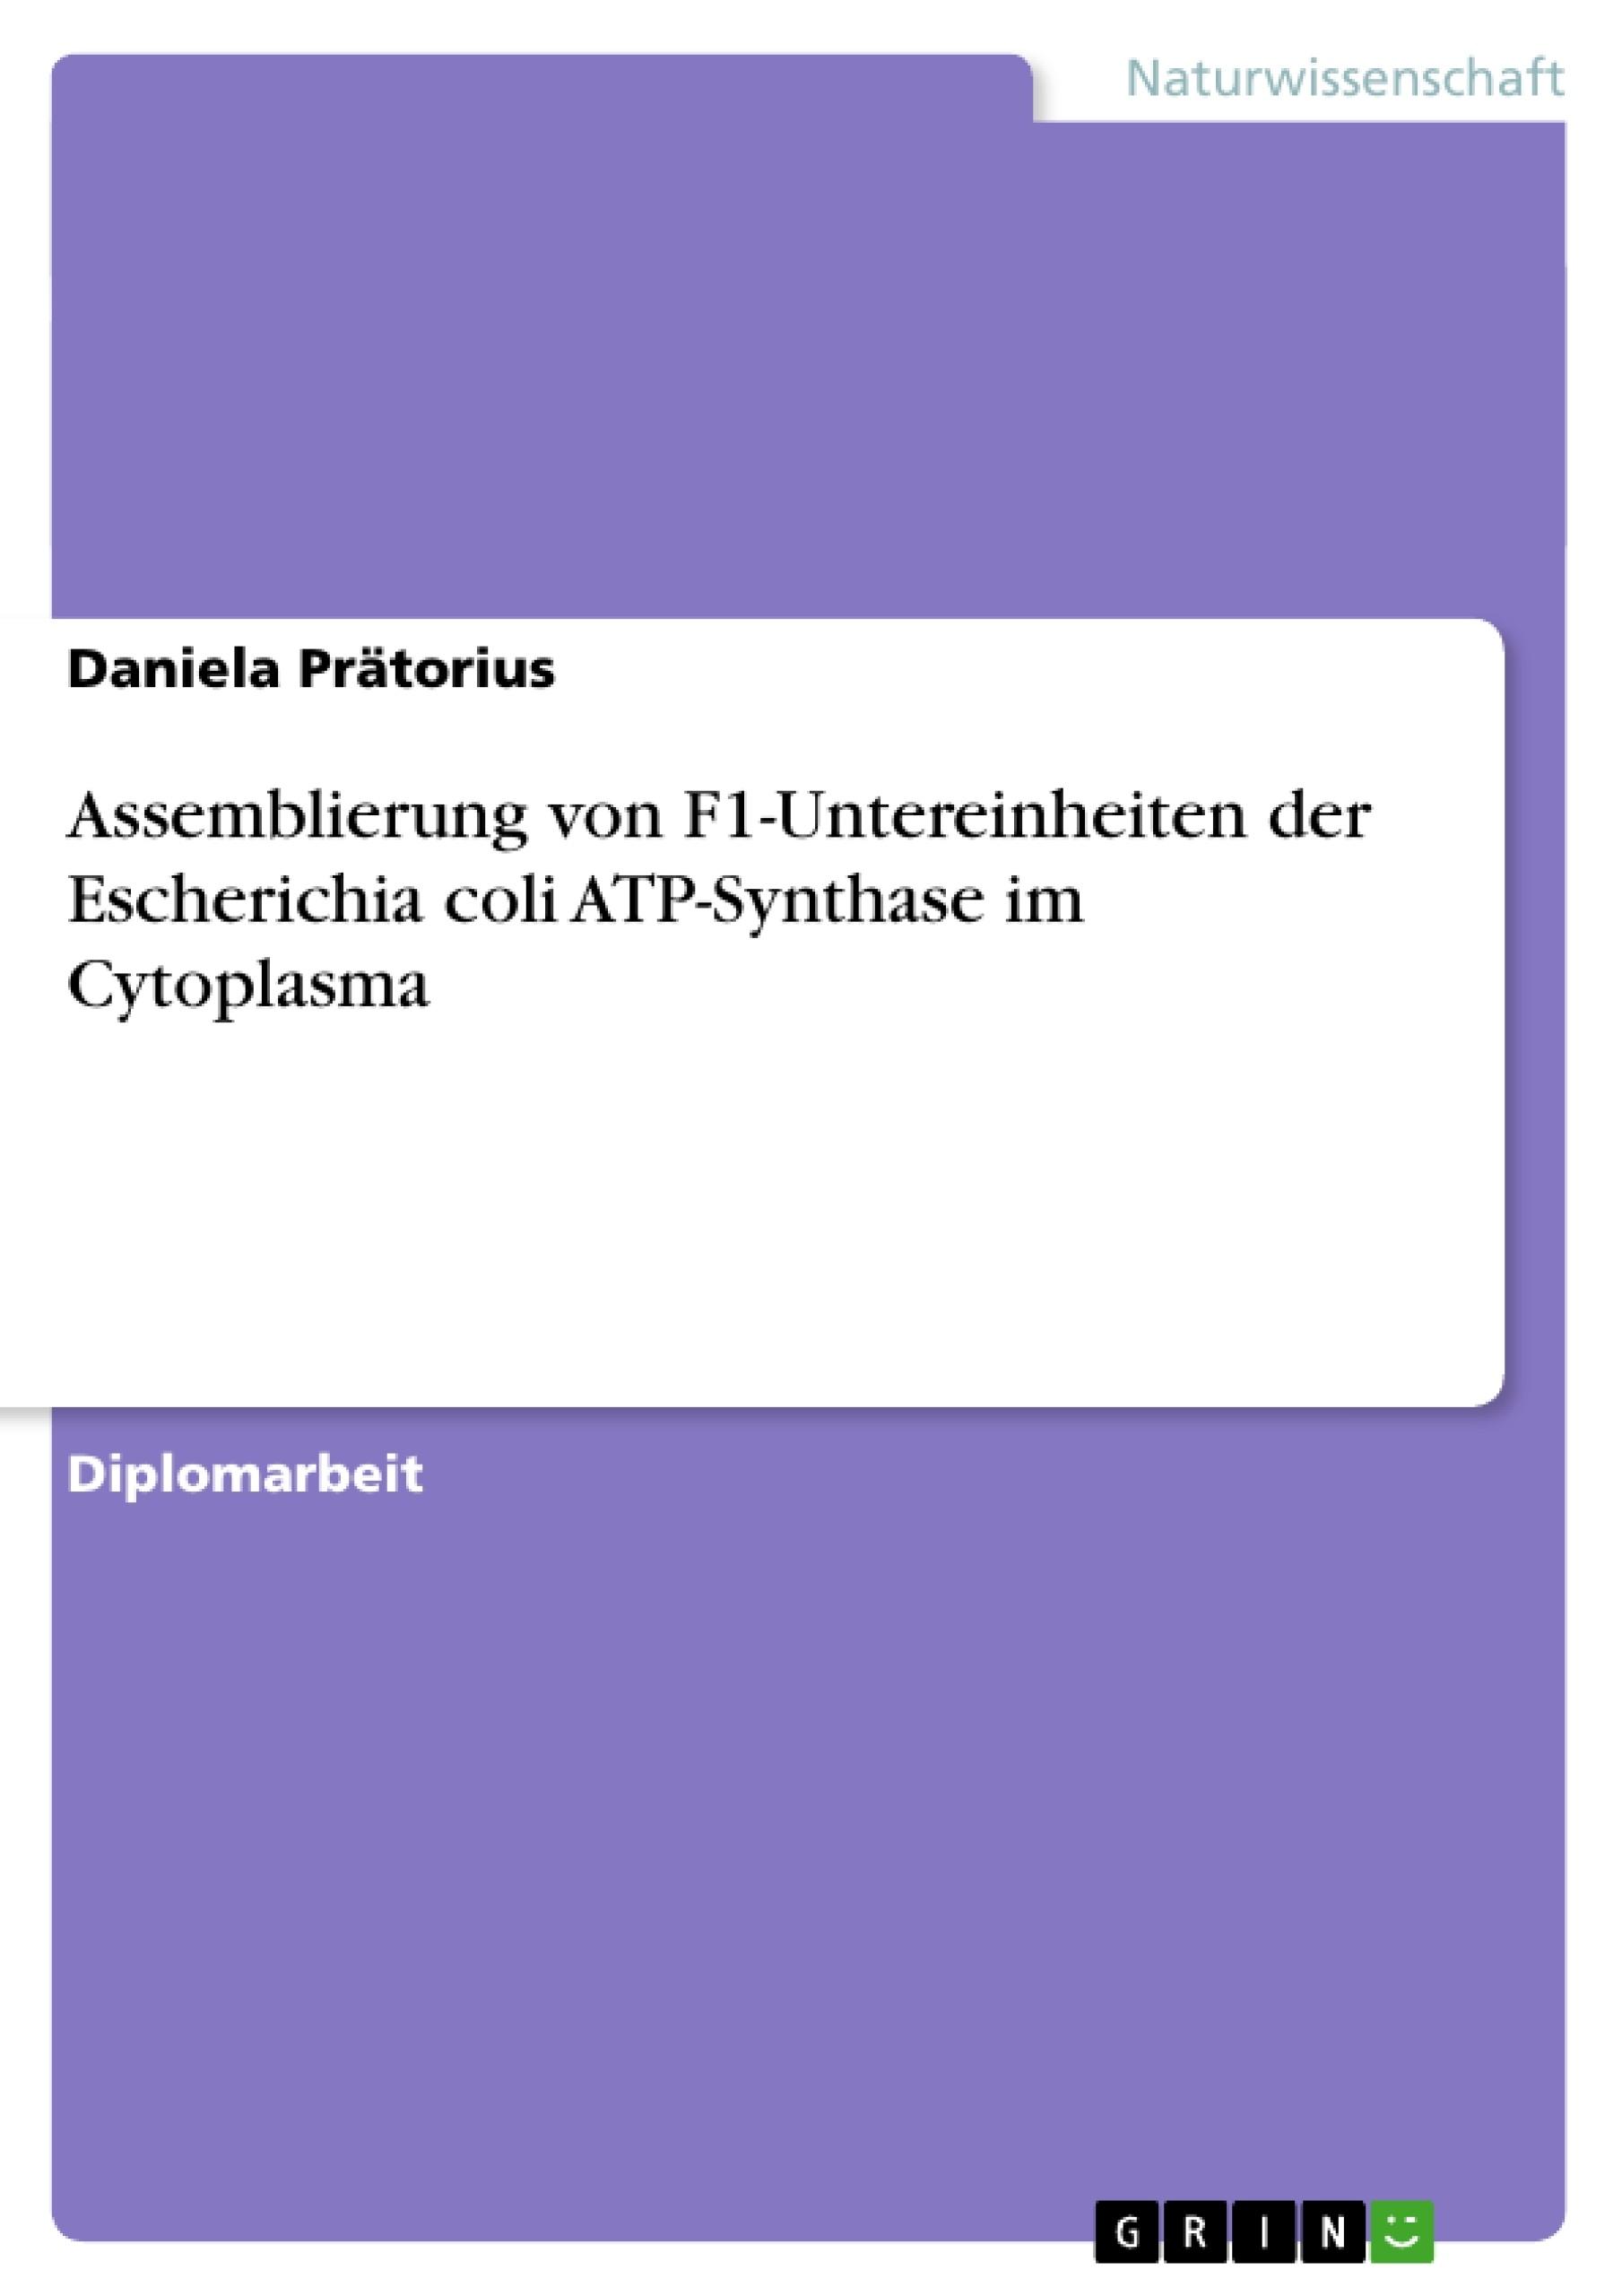 Titel: Assemblierung von F1-Untereinheiten der Escherichia coli ATP-Synthase im Cytoplasma